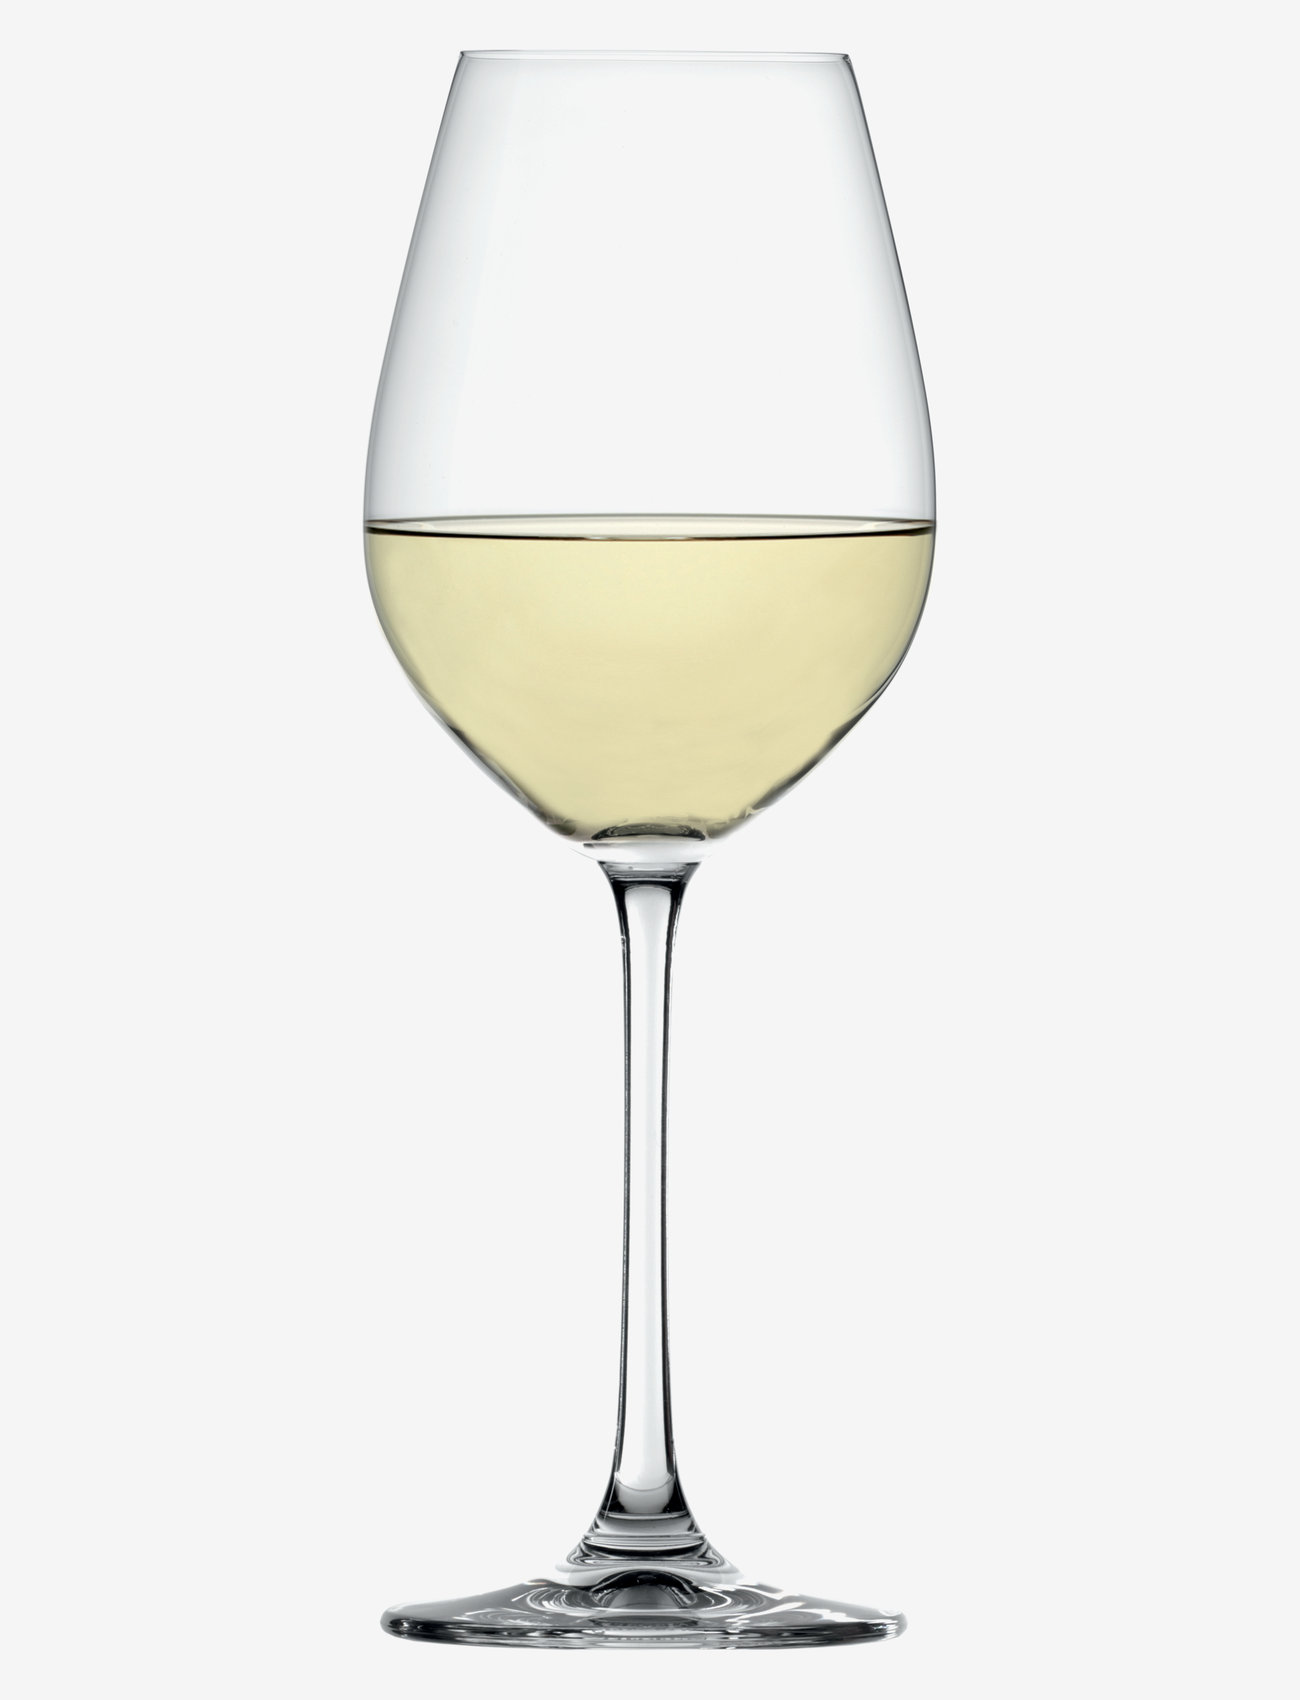 Spiegelau - Salute Vitvinsglas 47 cl 4-p - vinglass - clear glass - 1